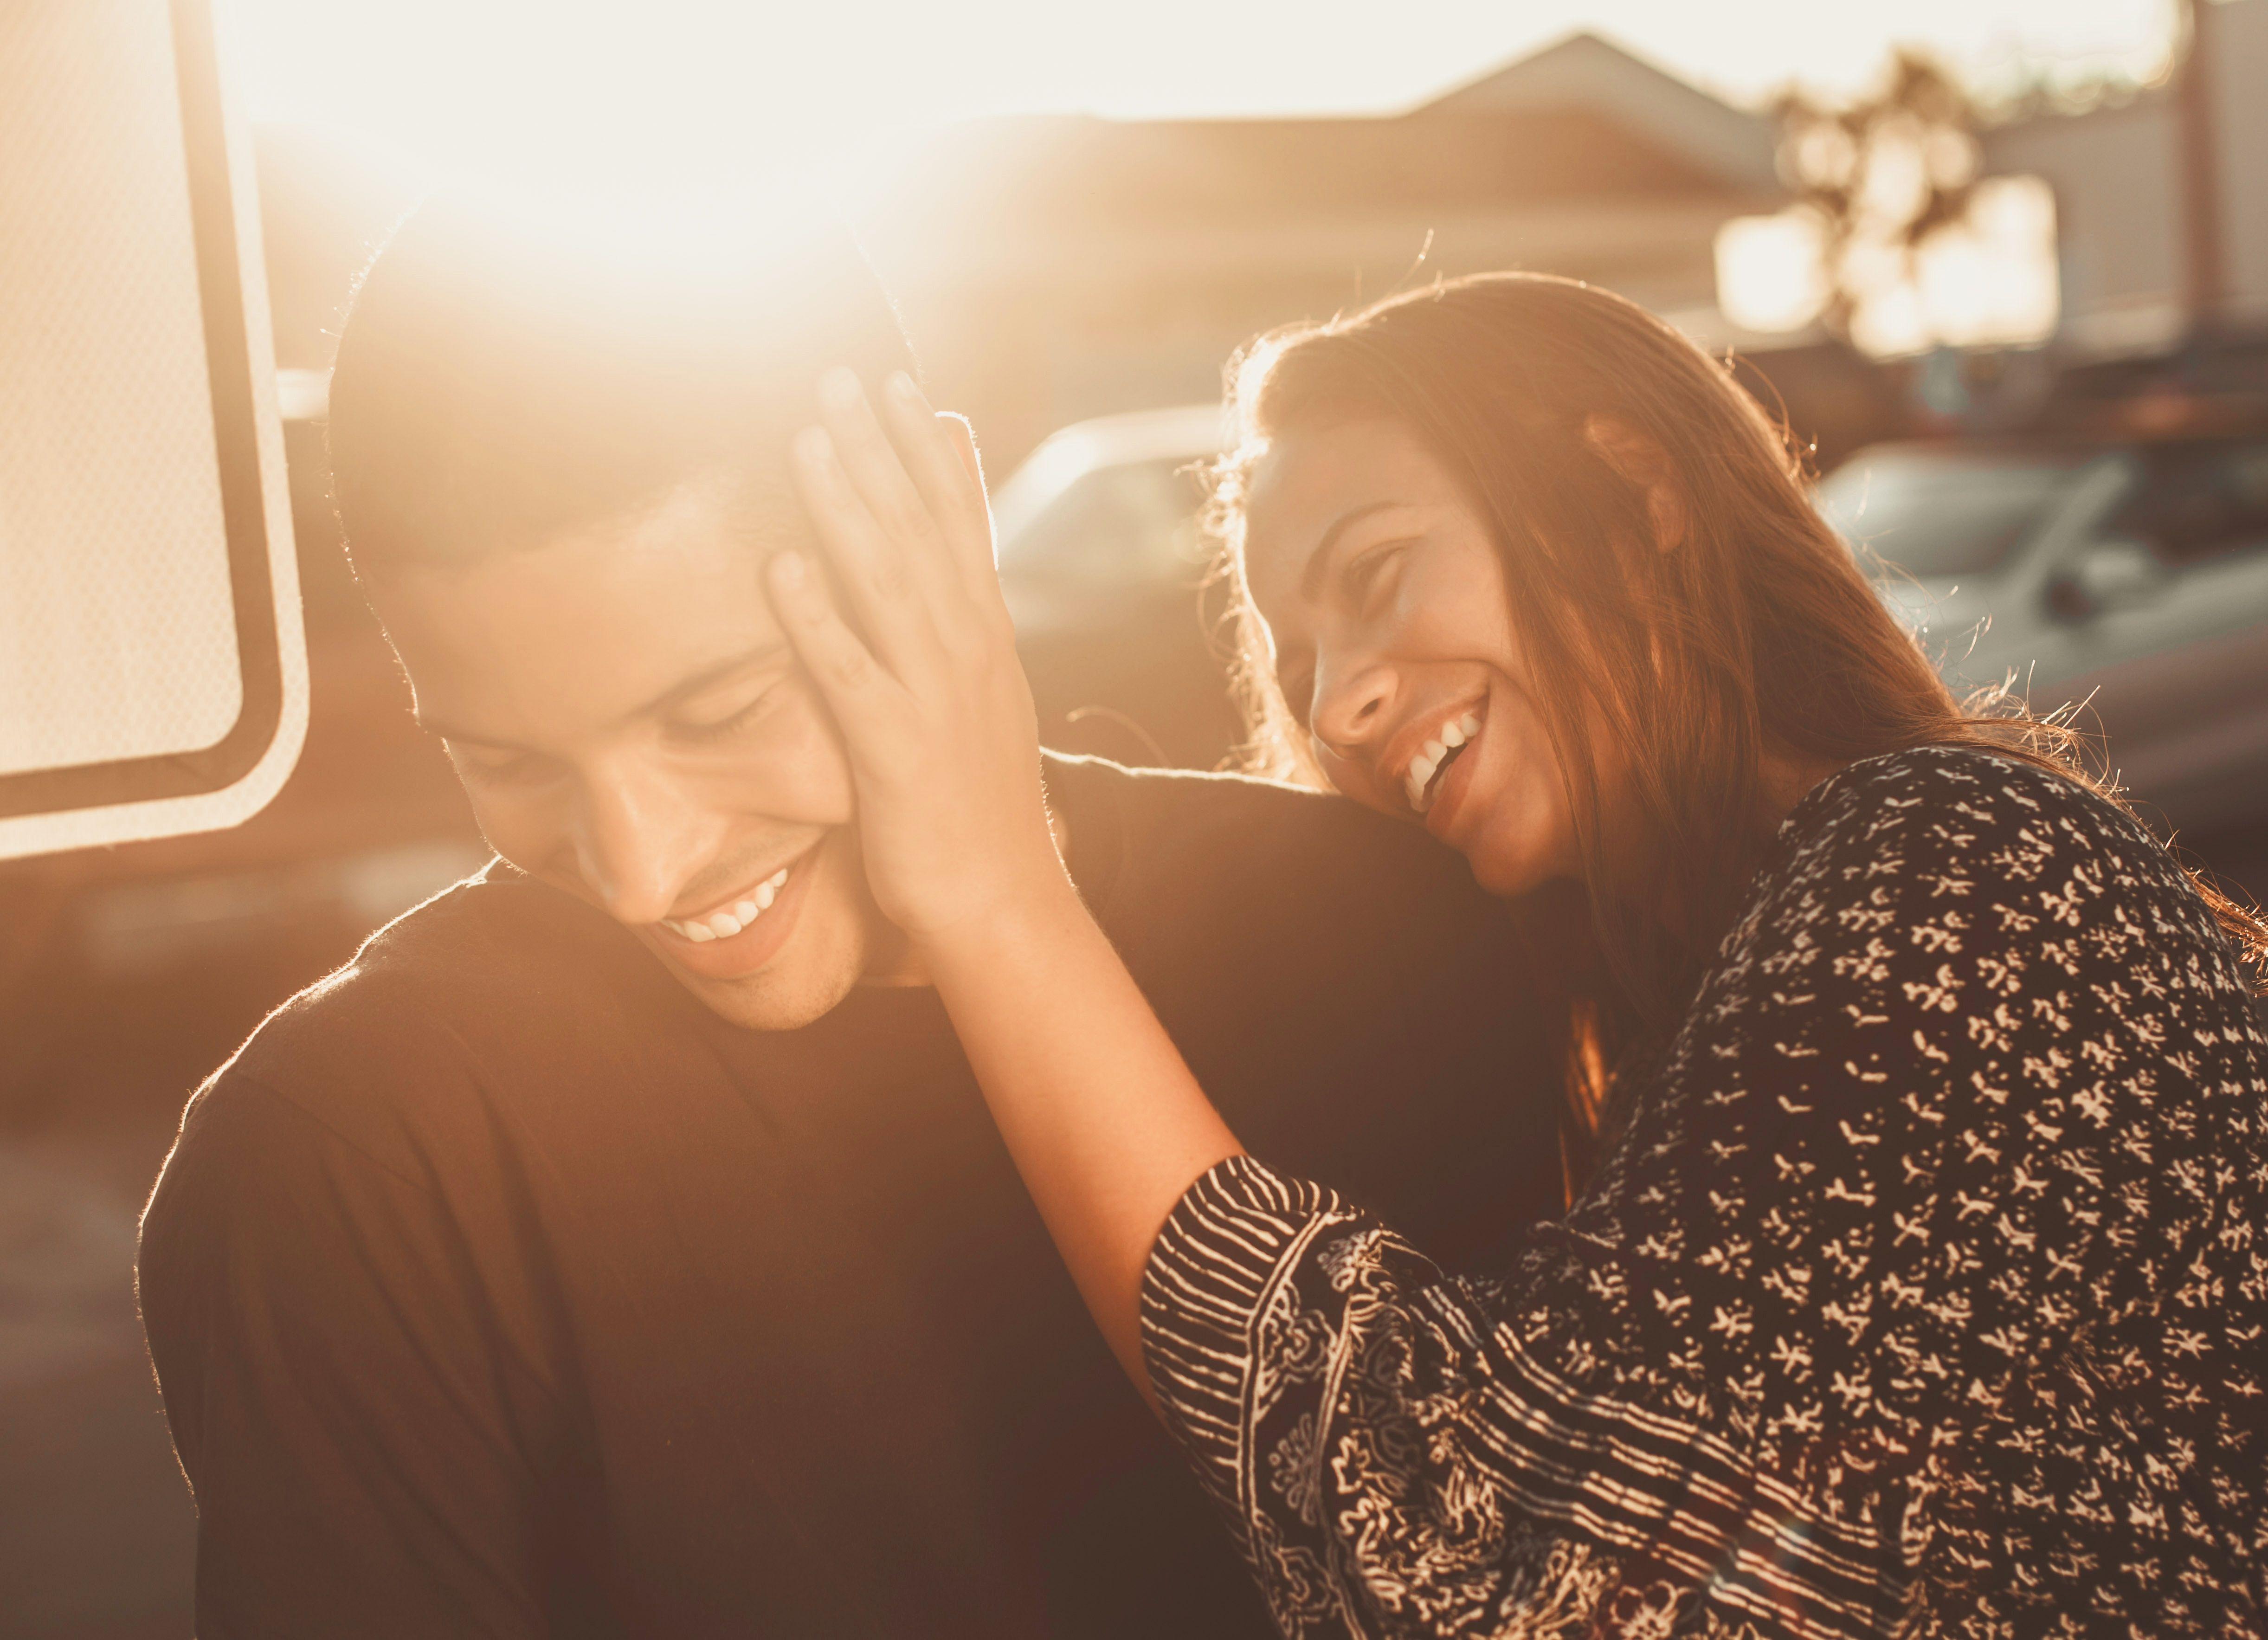 regels op dating uw vriend zus